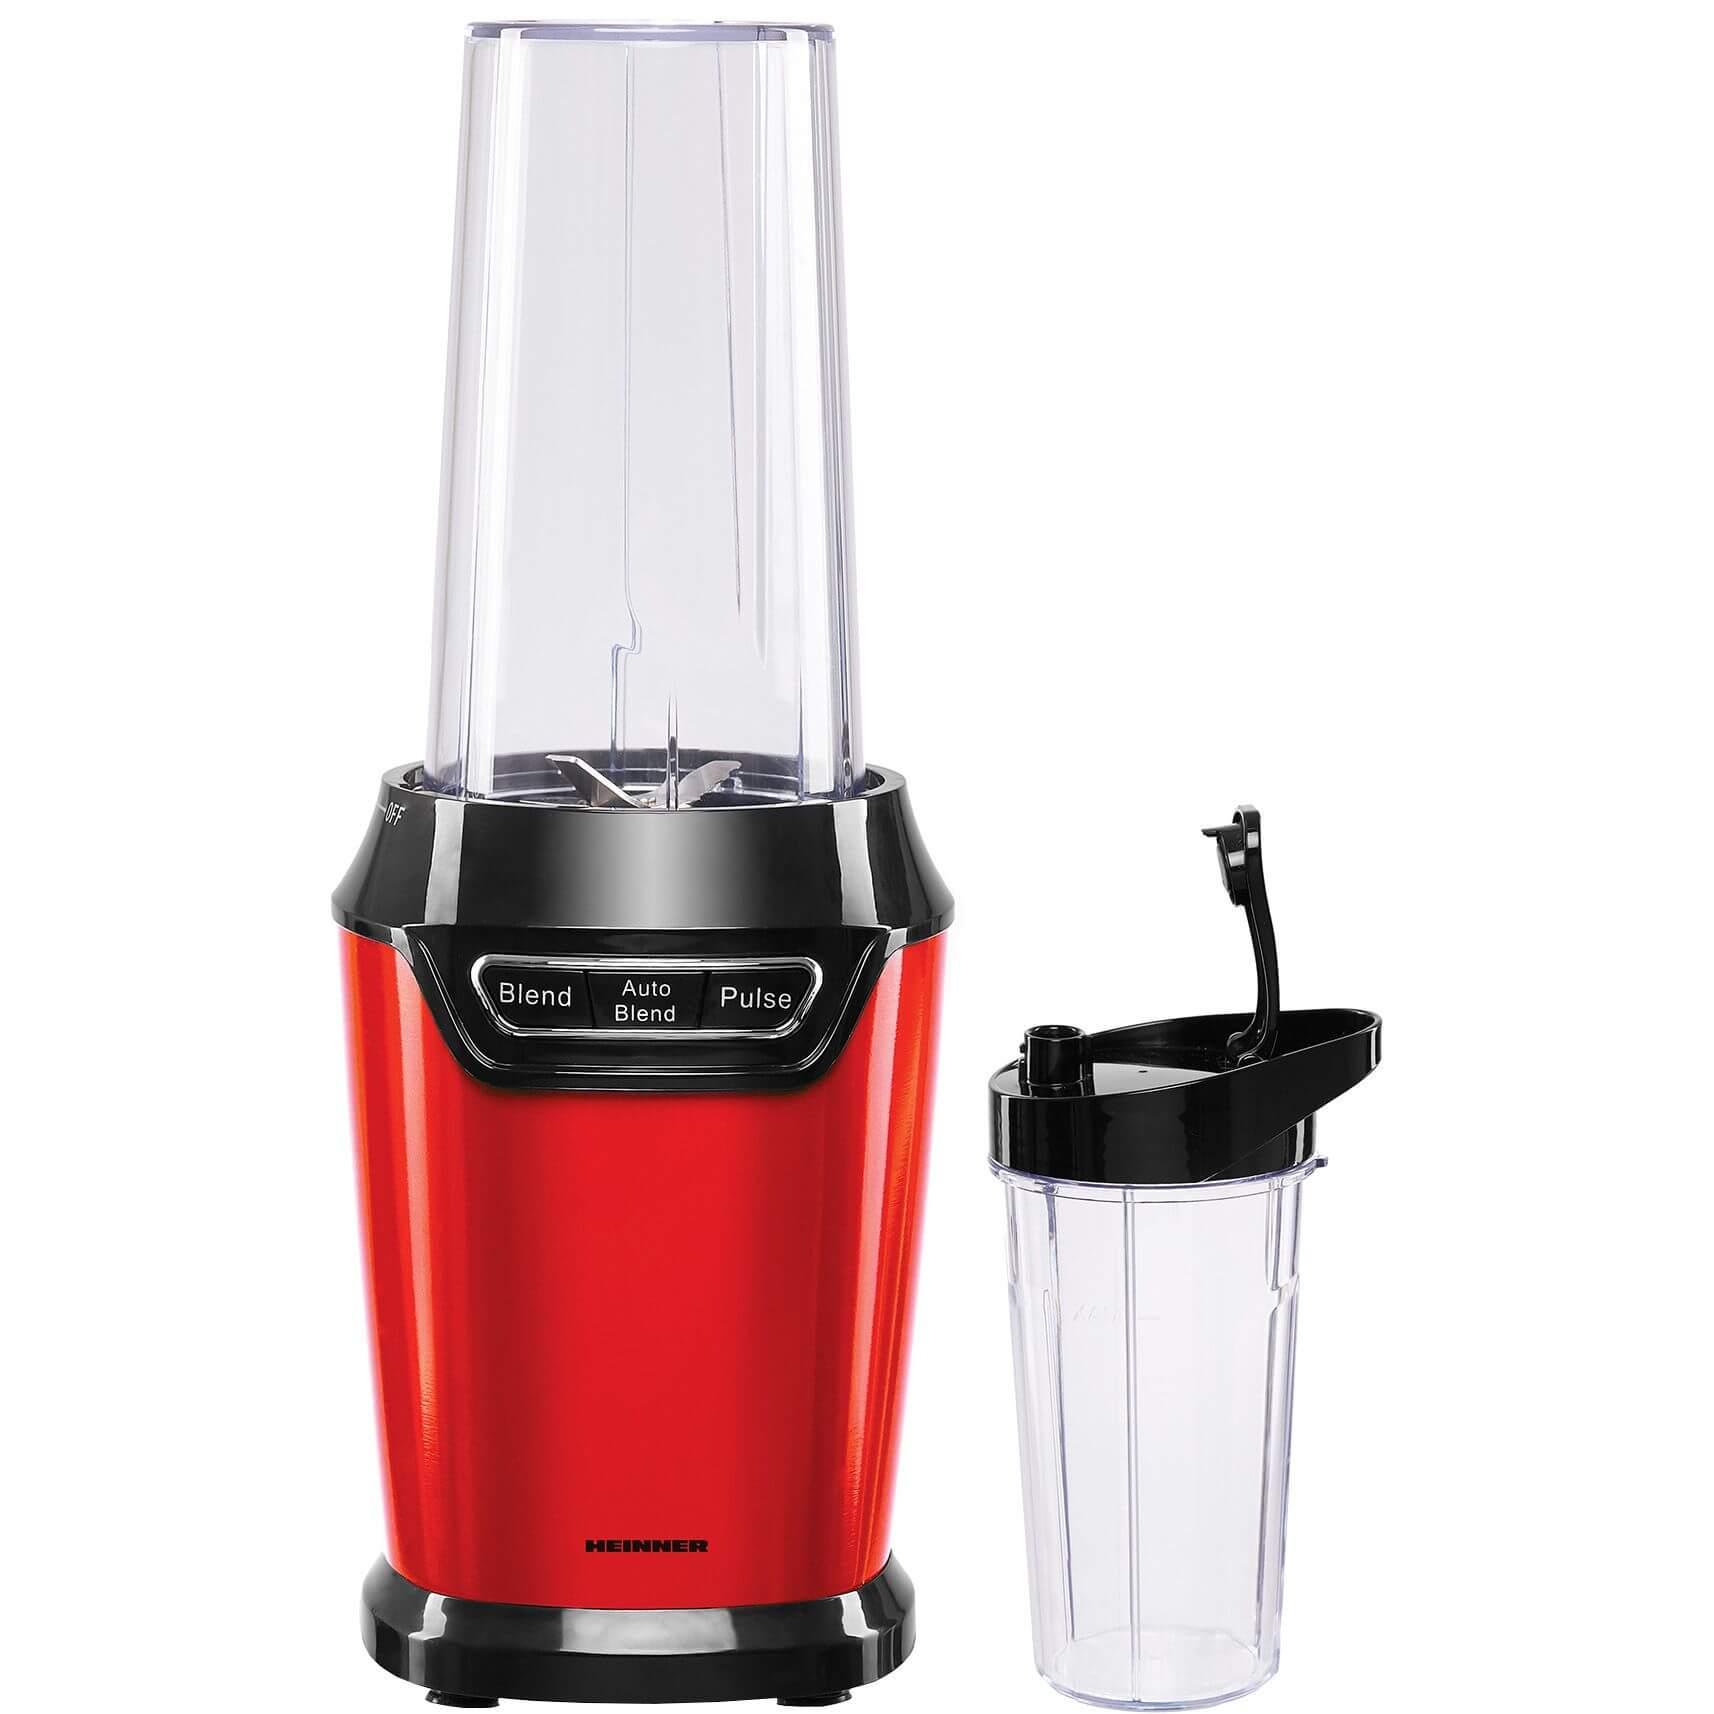 Blender Heinner Hsb-d1000rd, 1000 W, 0.7 L, 1 Viteza, Rosu